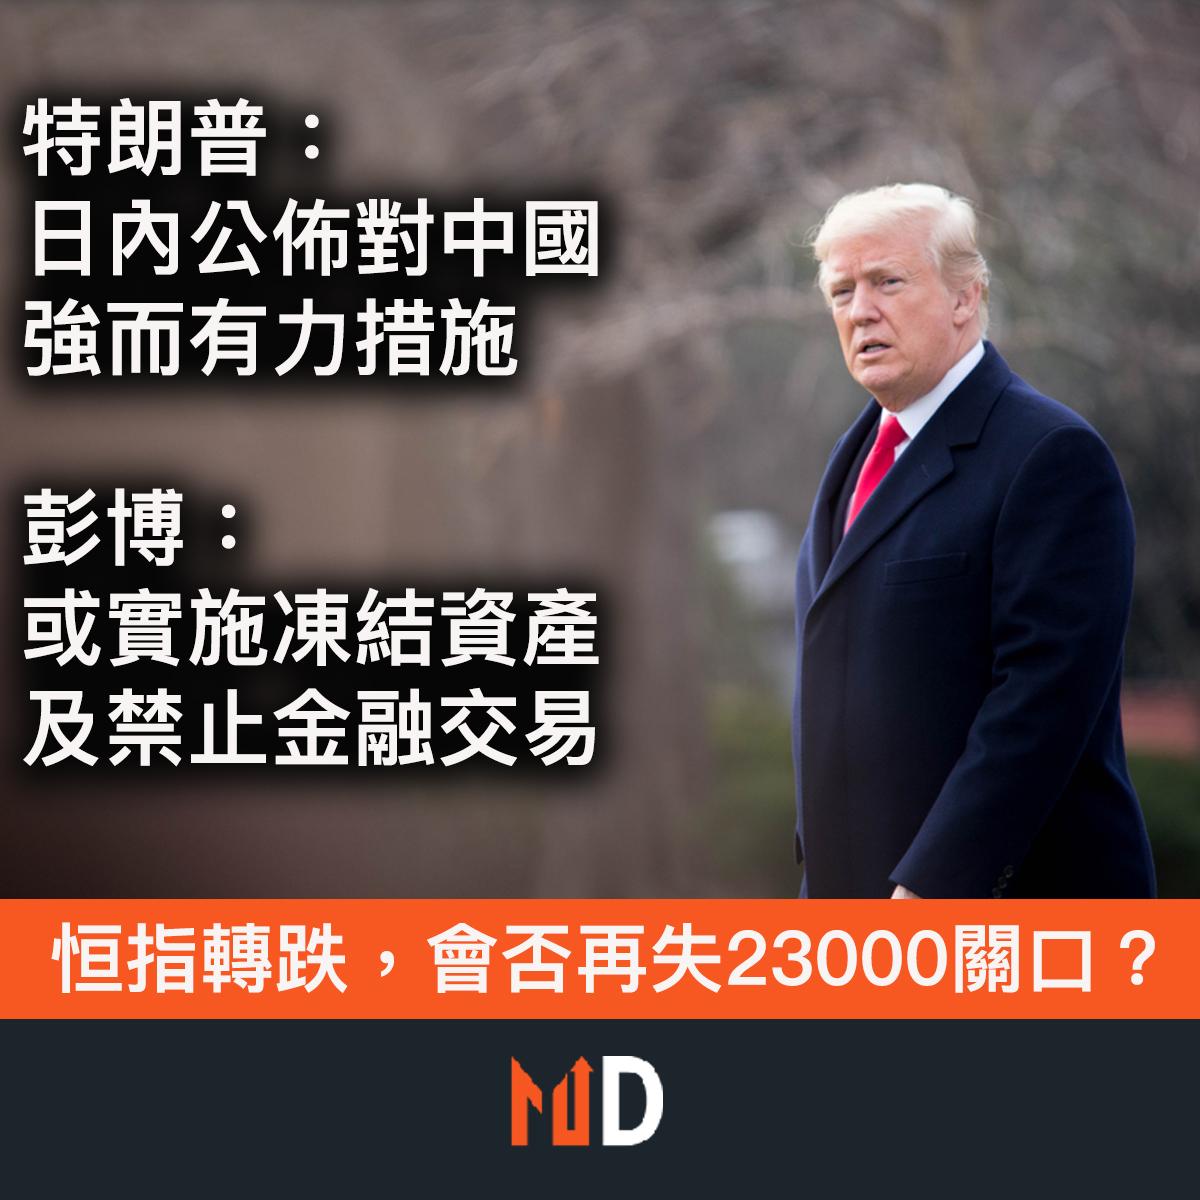 【市場熱話】特朗普:日內公佈對中國強而有力措施,彭博:或實施凍結資產及禁止金融交易